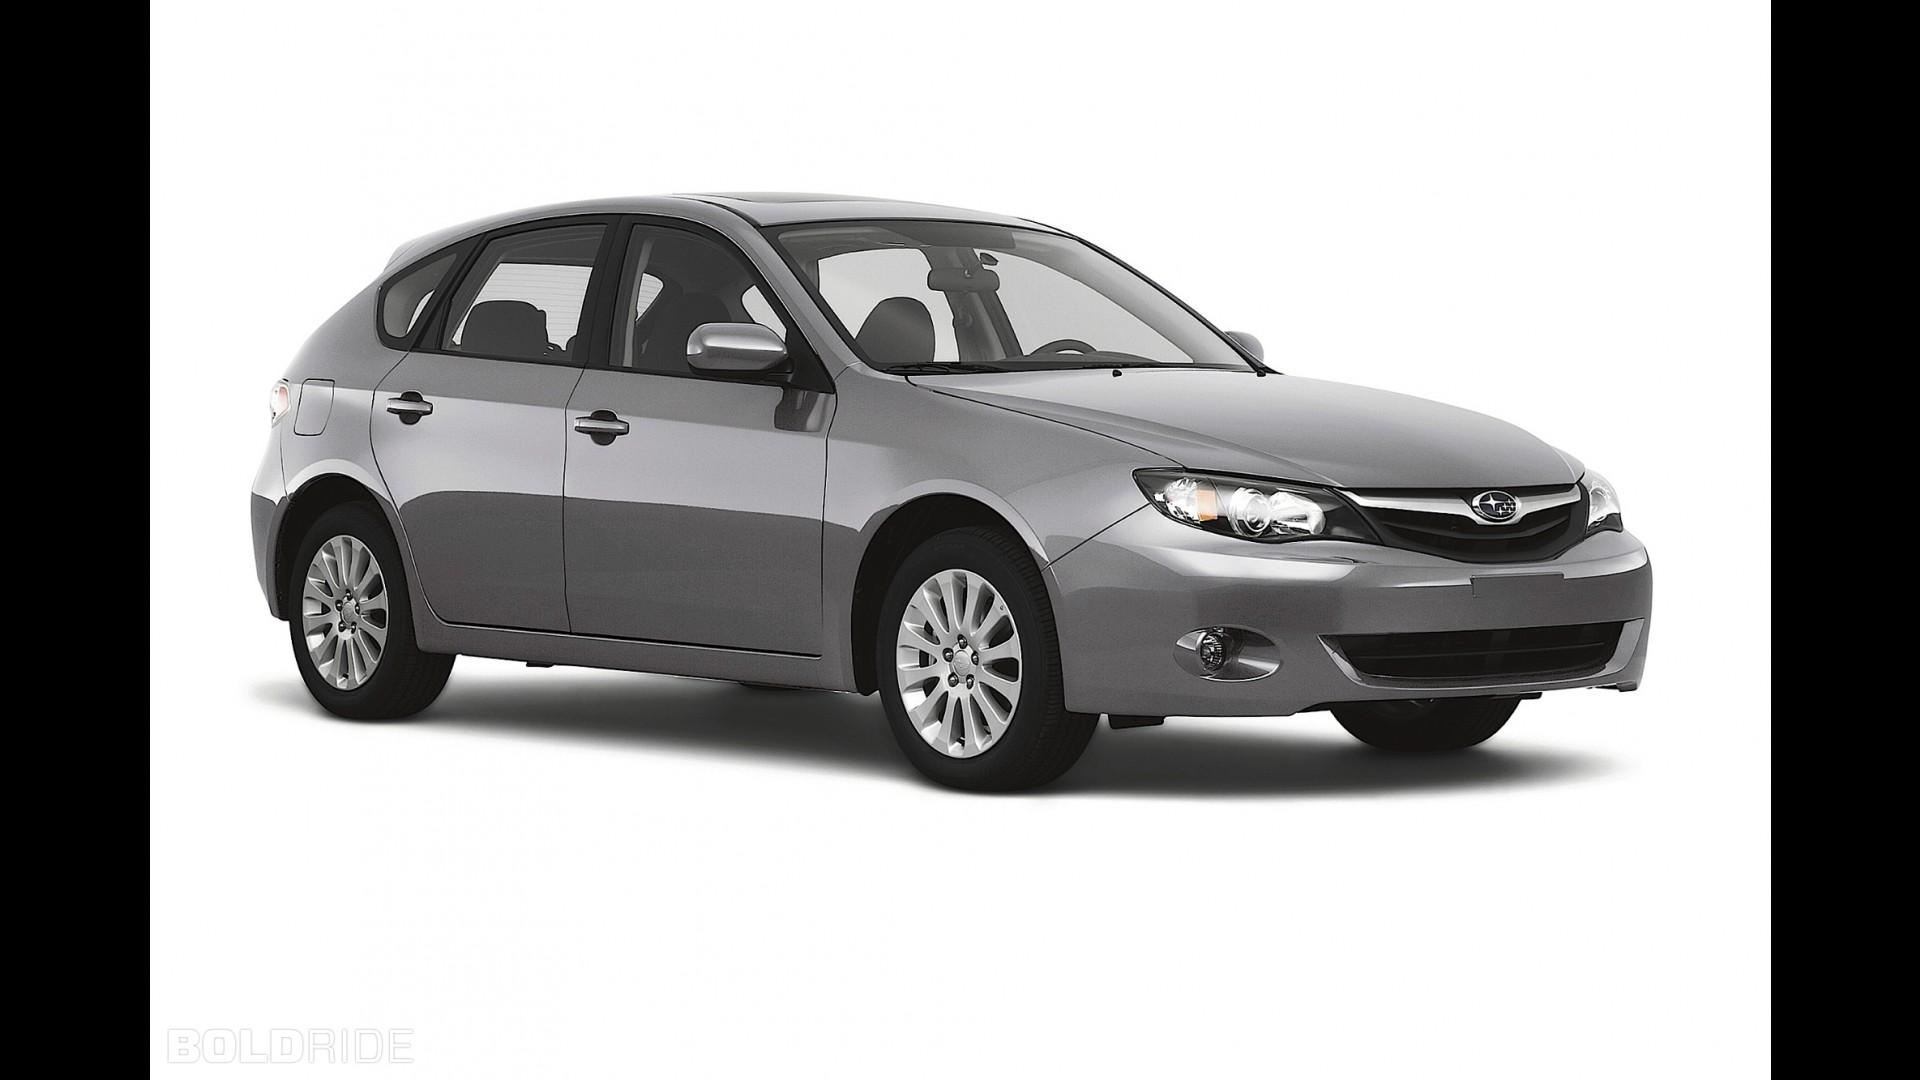 Subaru Impreza 2.5i 5-door